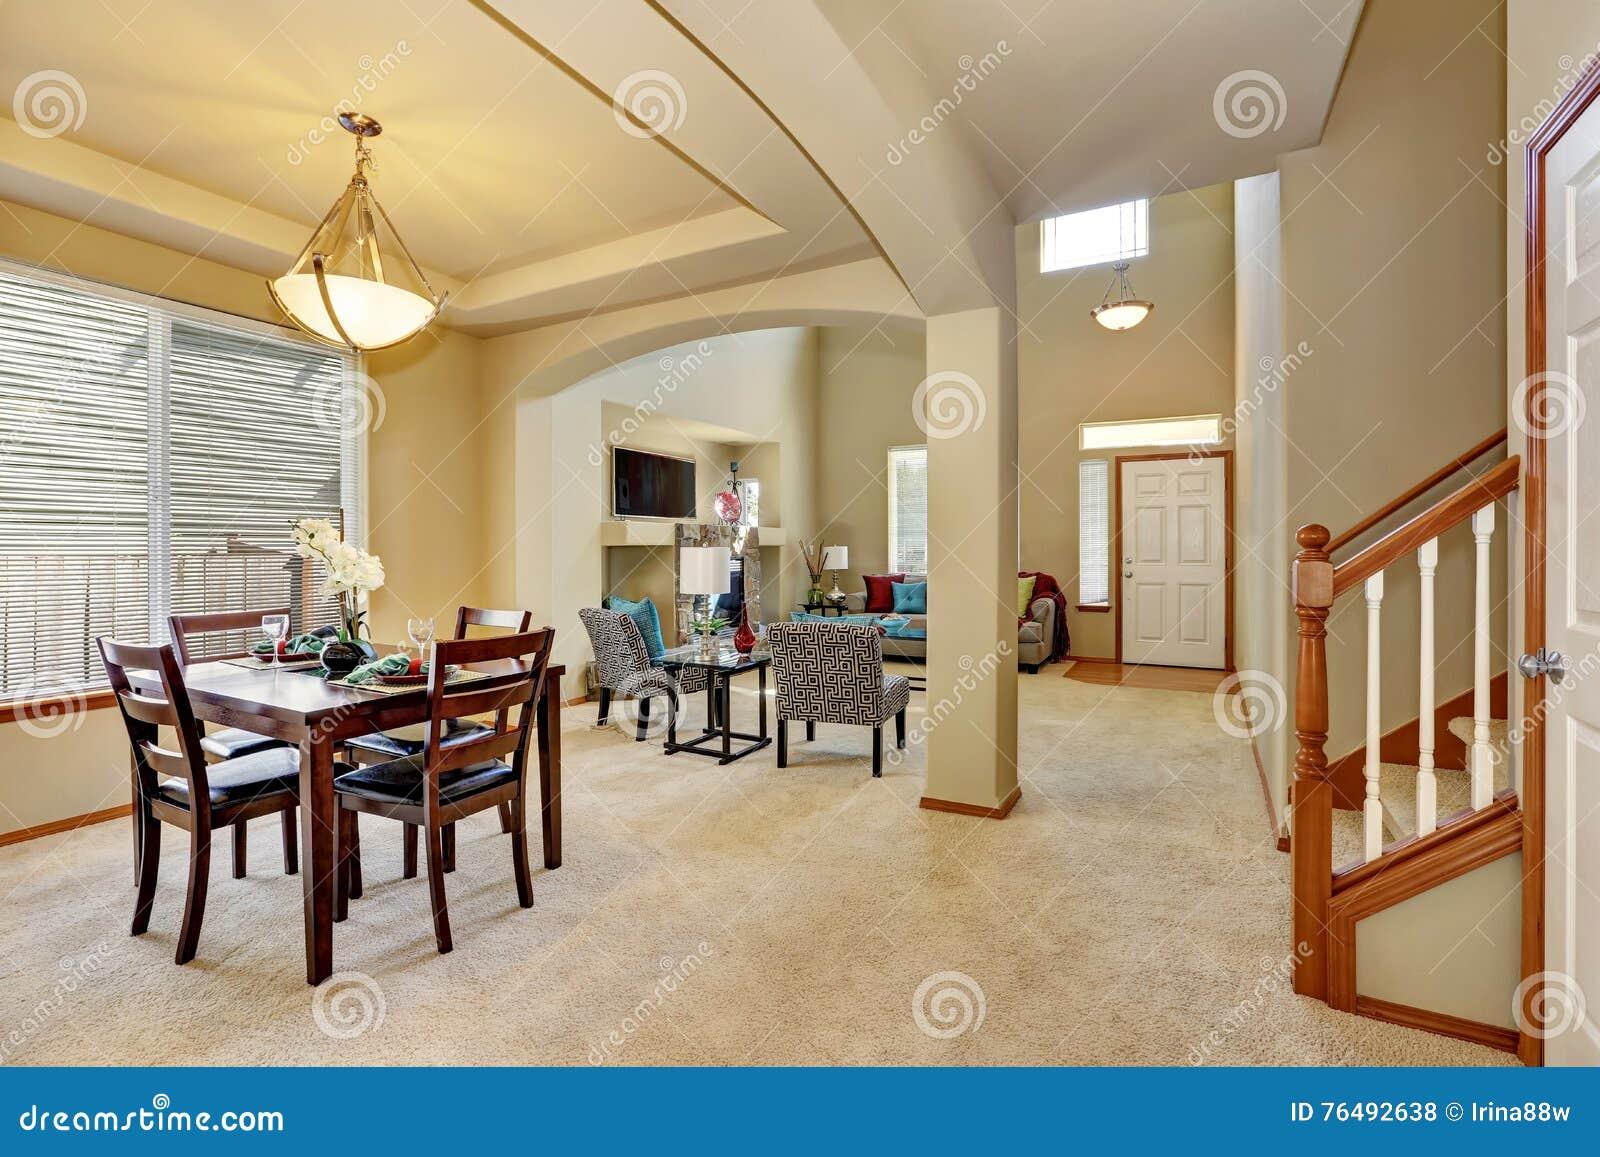 plan d 39 tage ouvert salle manger et salon avec l 39 entr e photo stock image du vivre. Black Bedroom Furniture Sets. Home Design Ideas